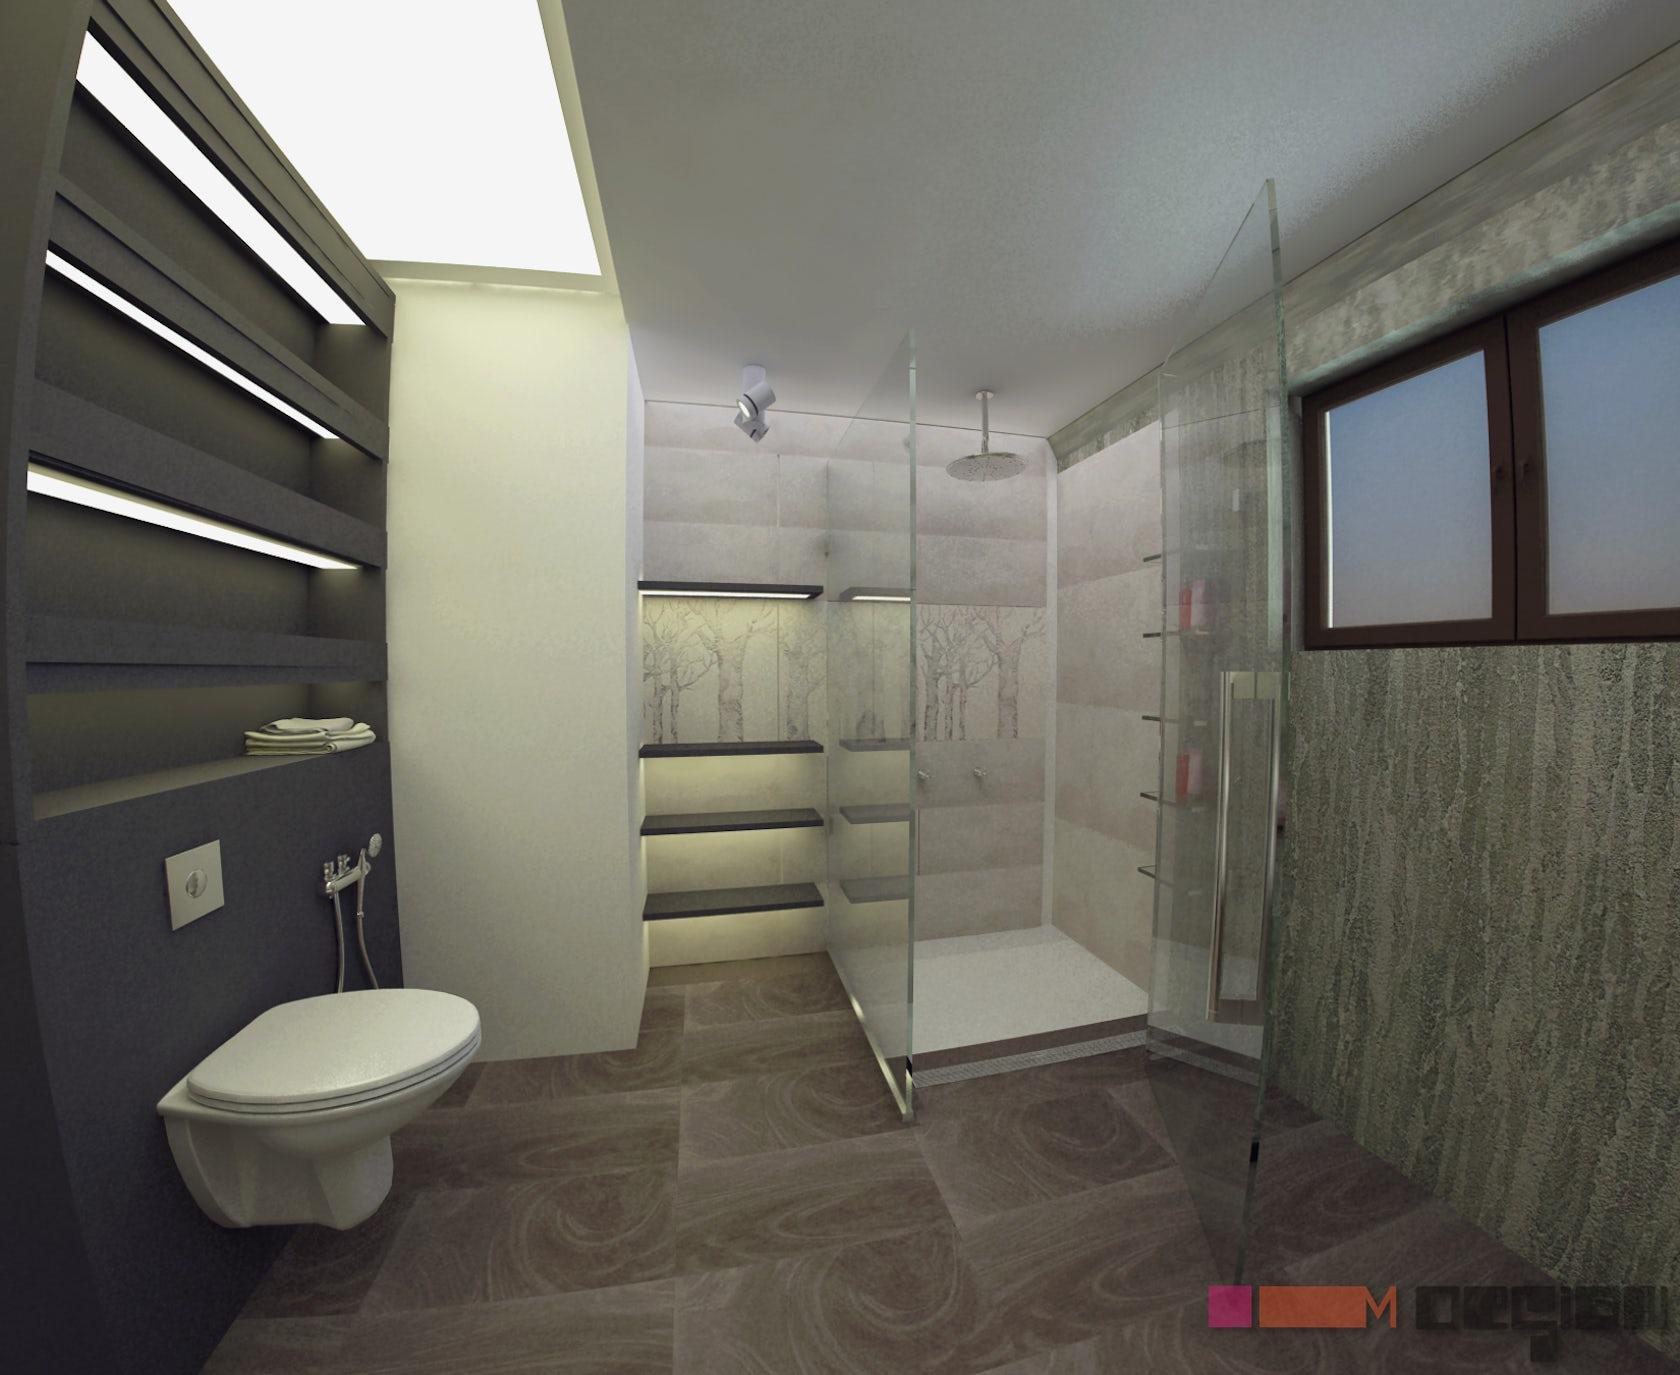 Interior Design Bathroom By Mario Dimitrov 2014 Architizer